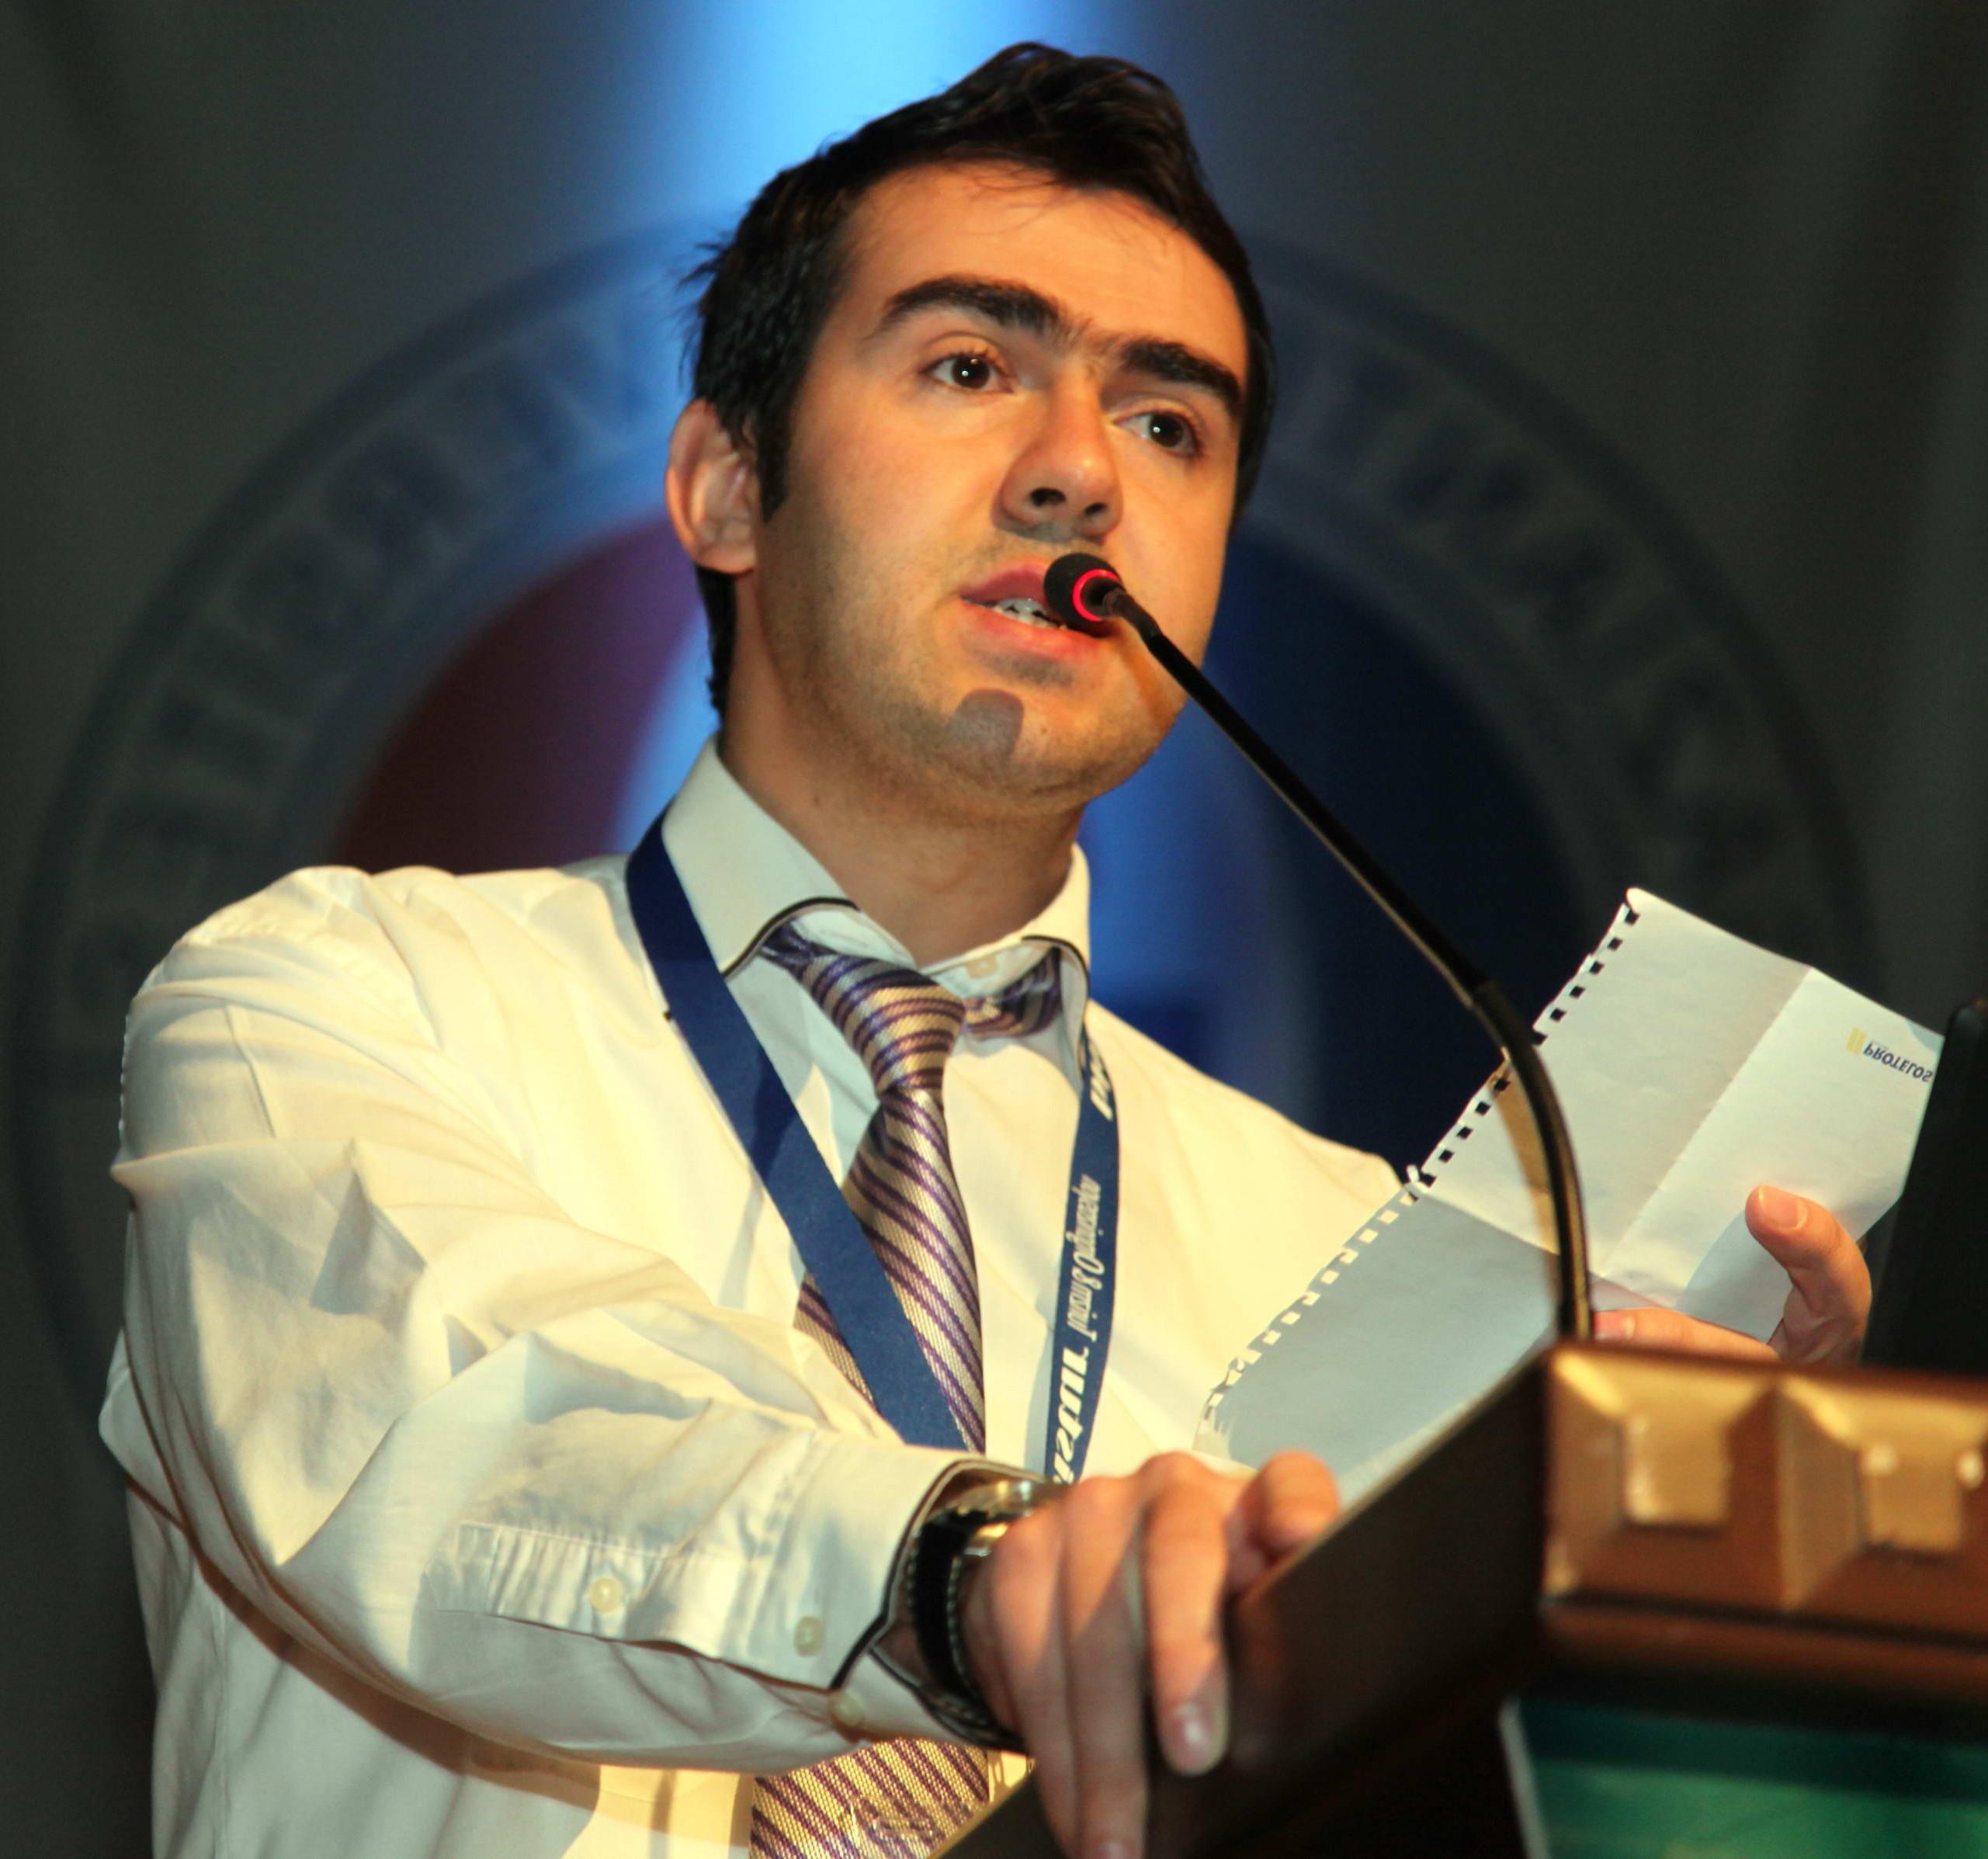 501-Tıp_Kongresi - Arş. Gör. Uğur Pamukçu